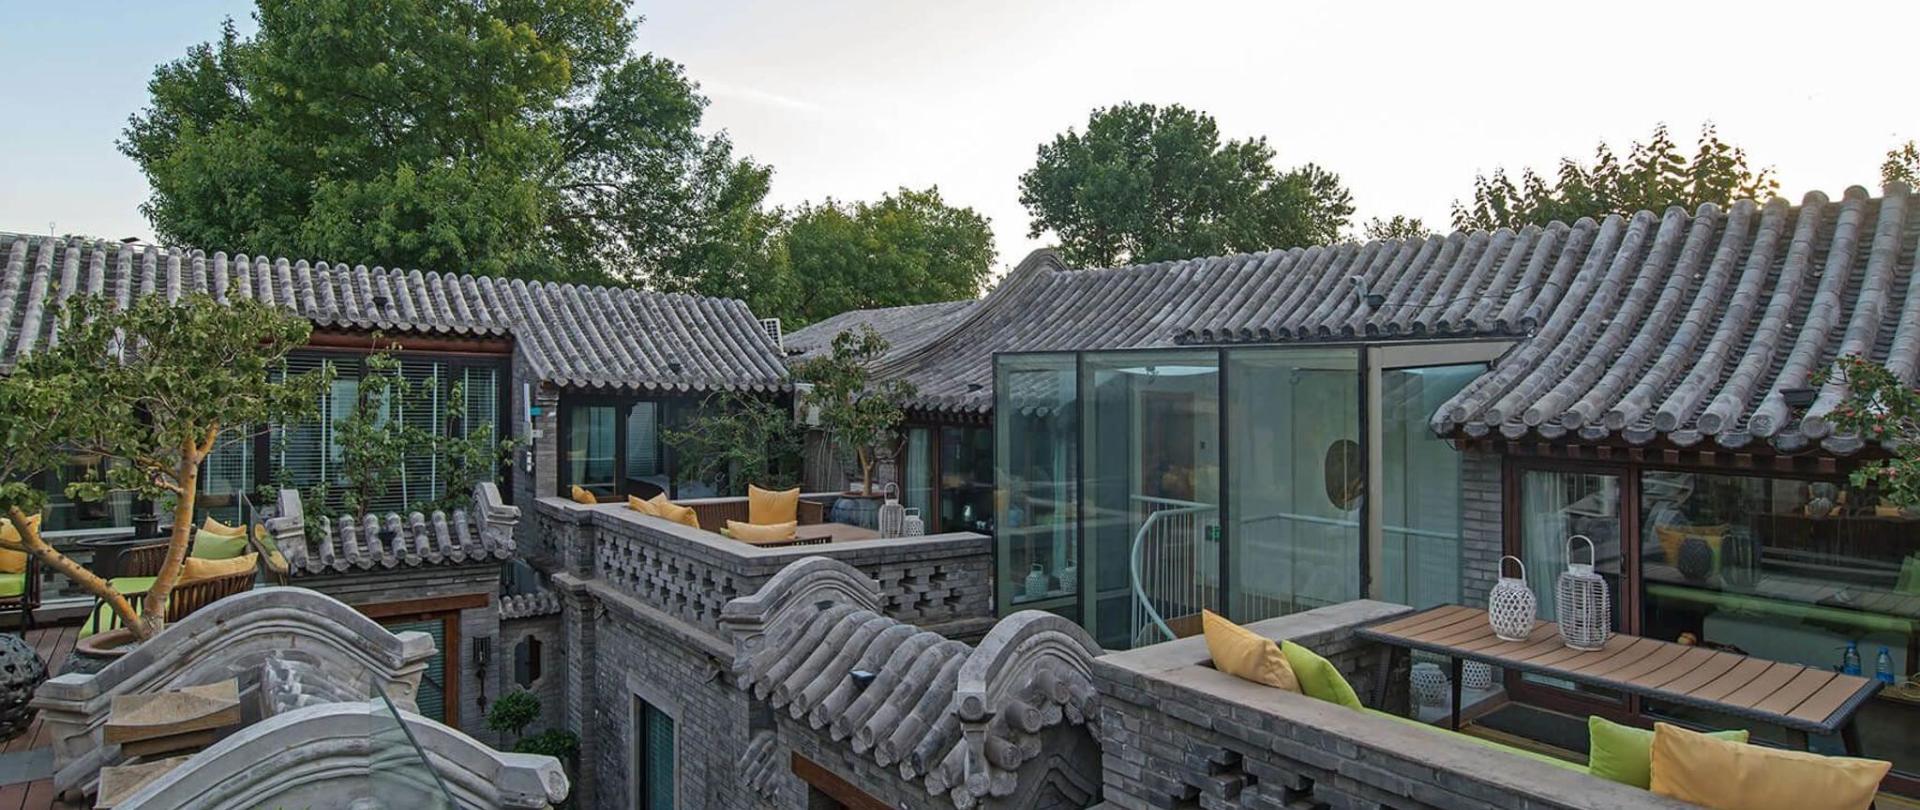 北京161酒店乐在南锣精品酒店